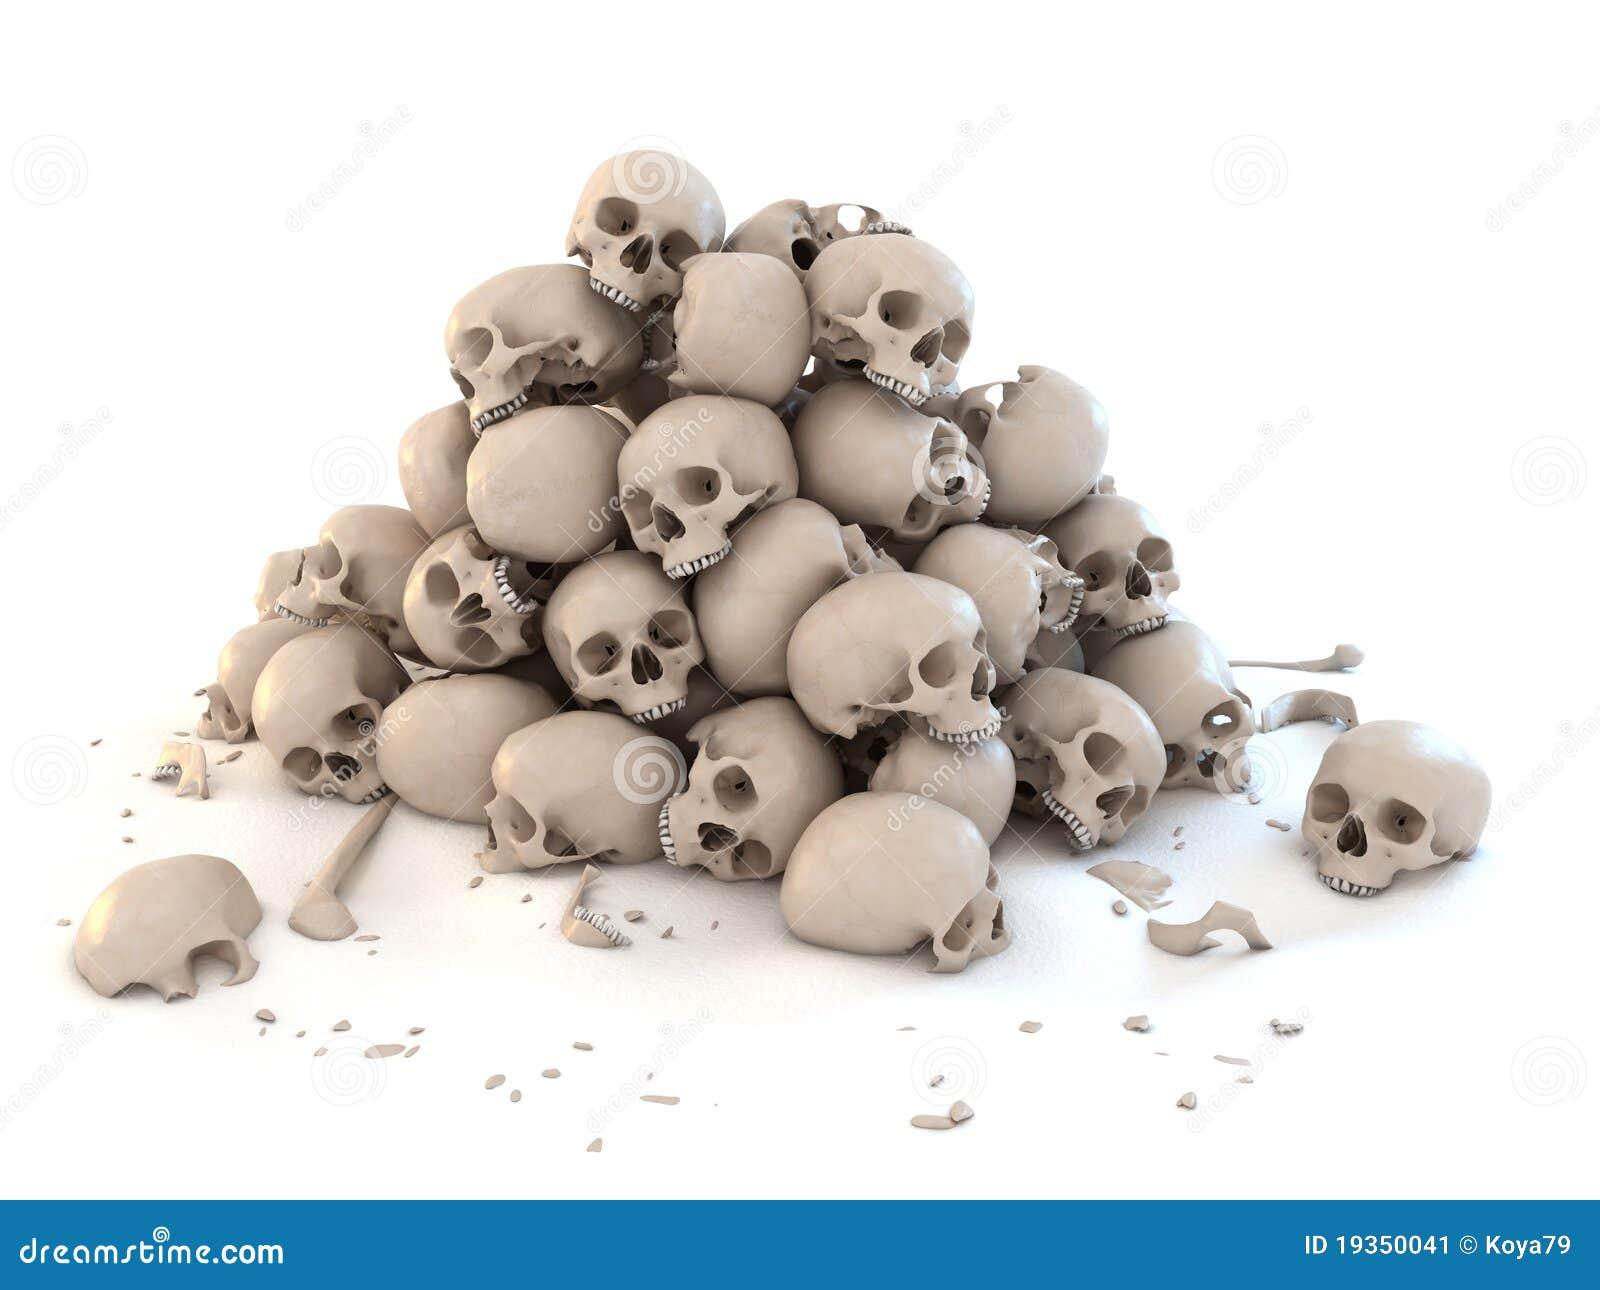 Pile of skulls isolated over white 3d illustration.